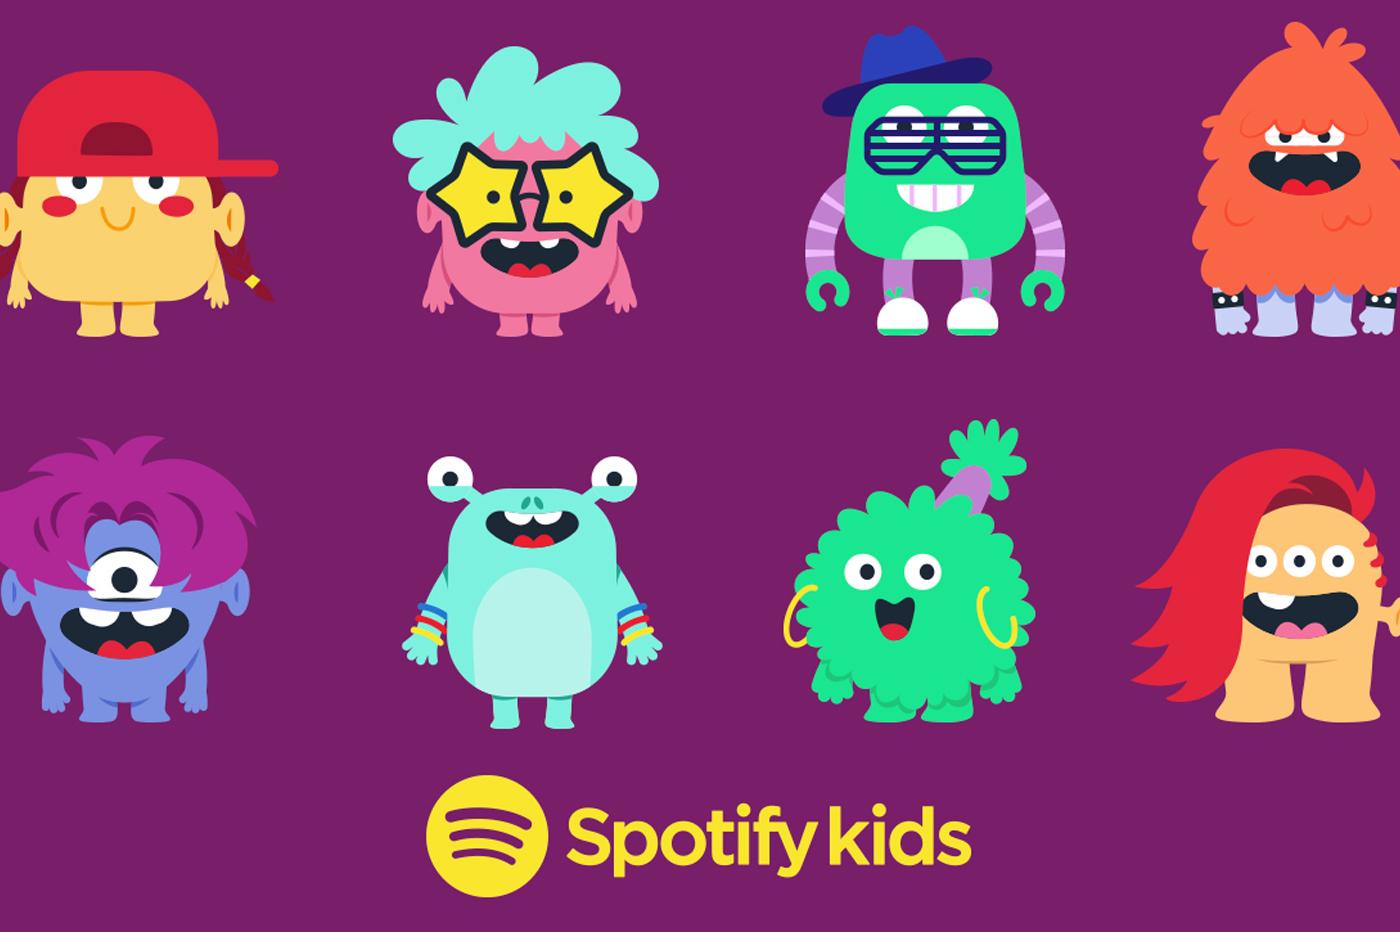 La nouvelle application Spotify Kids